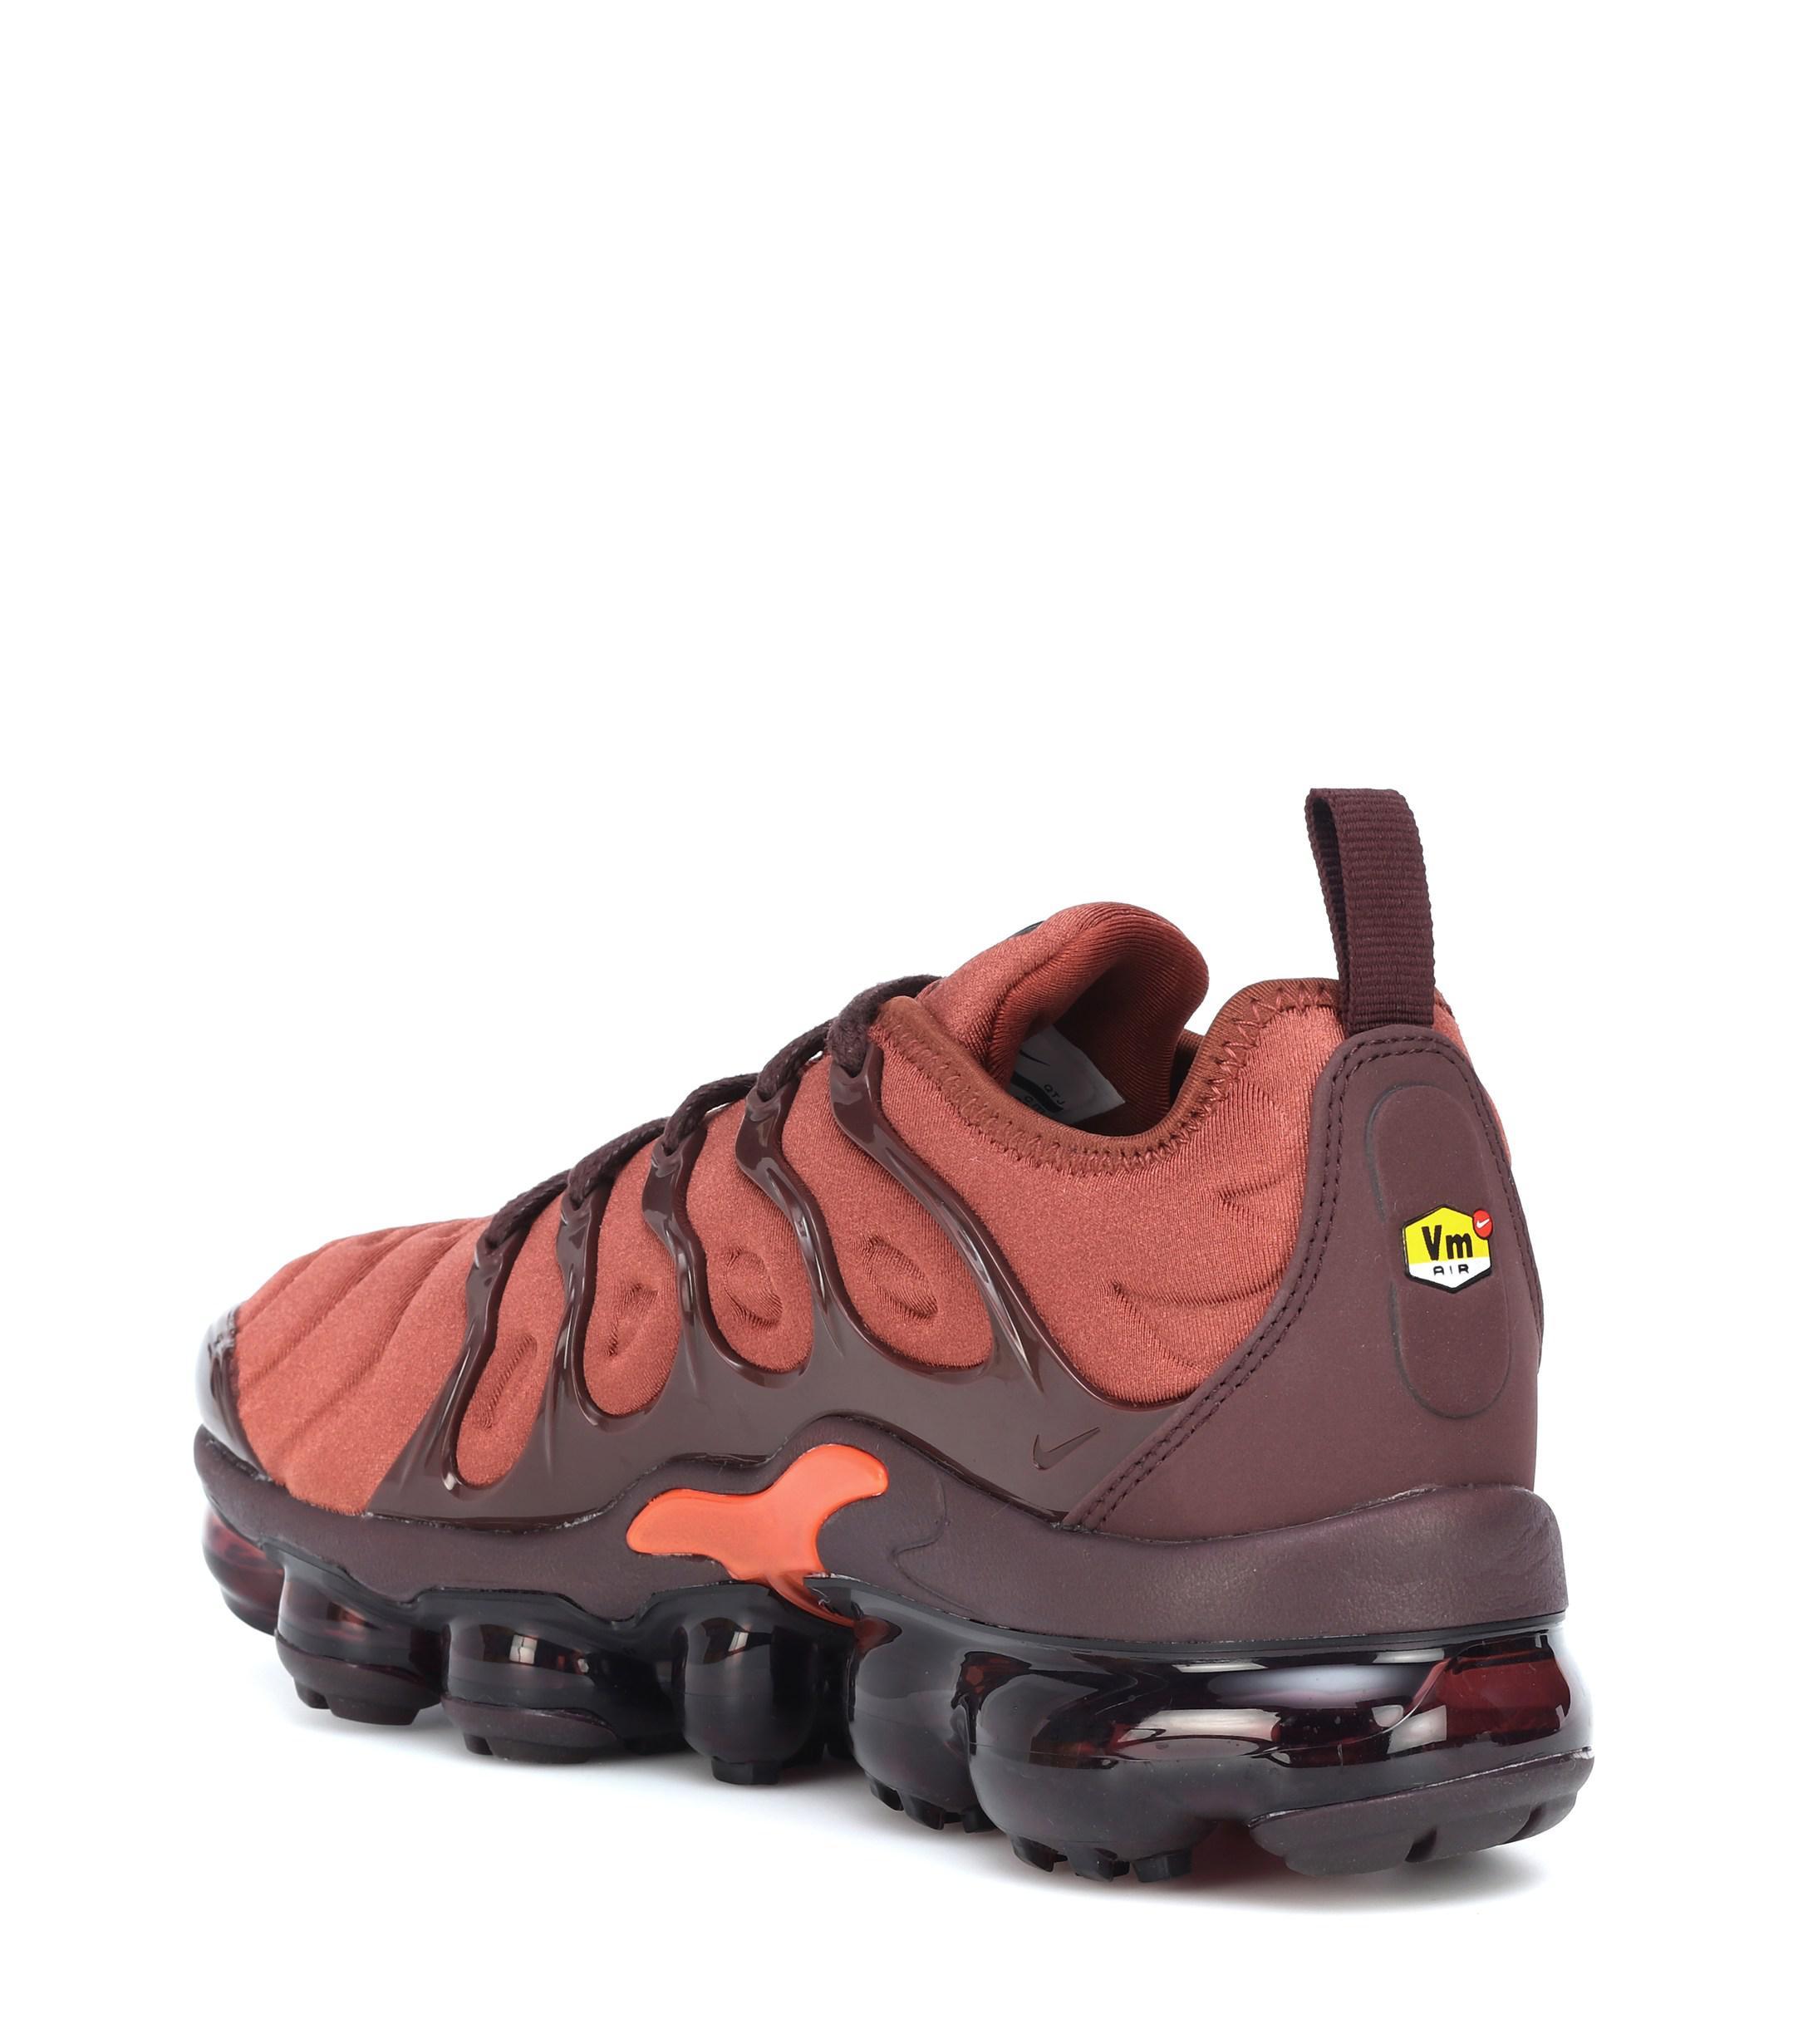 Sneakers Orange Plus Sparen 2Lyst Vapormax In Nike Air Sie w8nmN0